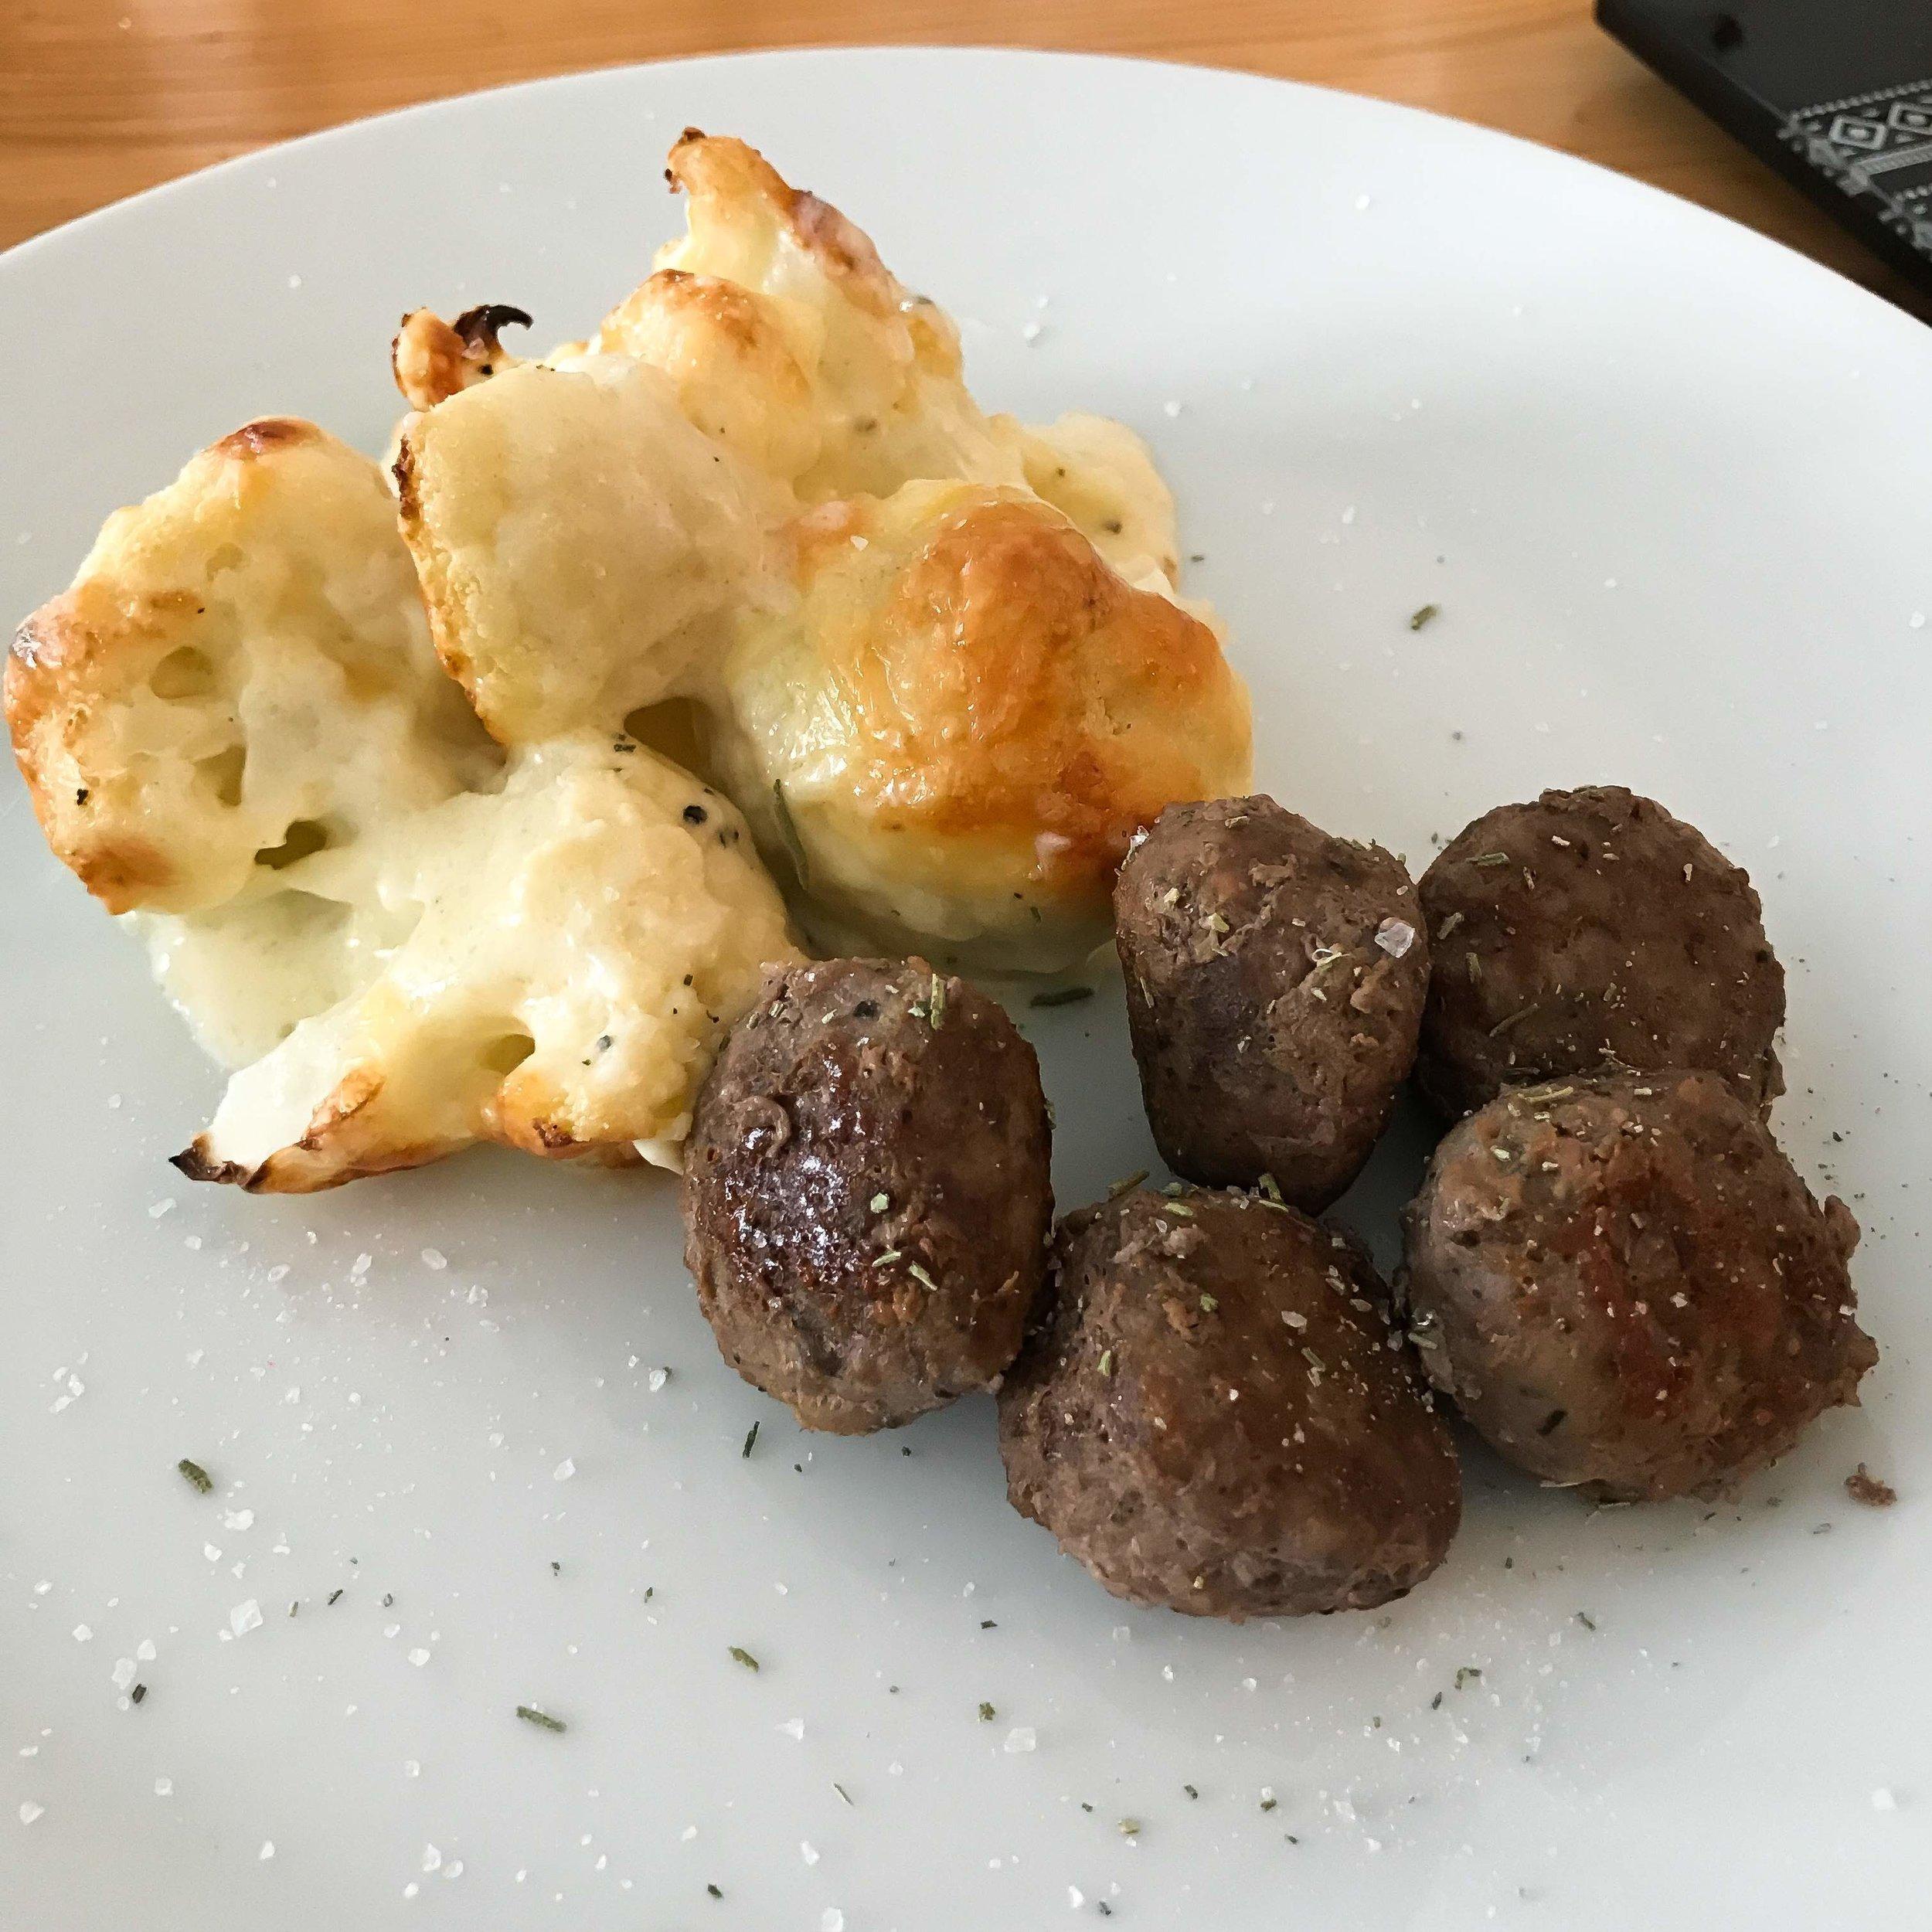 Veldig god til italienske kjøttboller også!